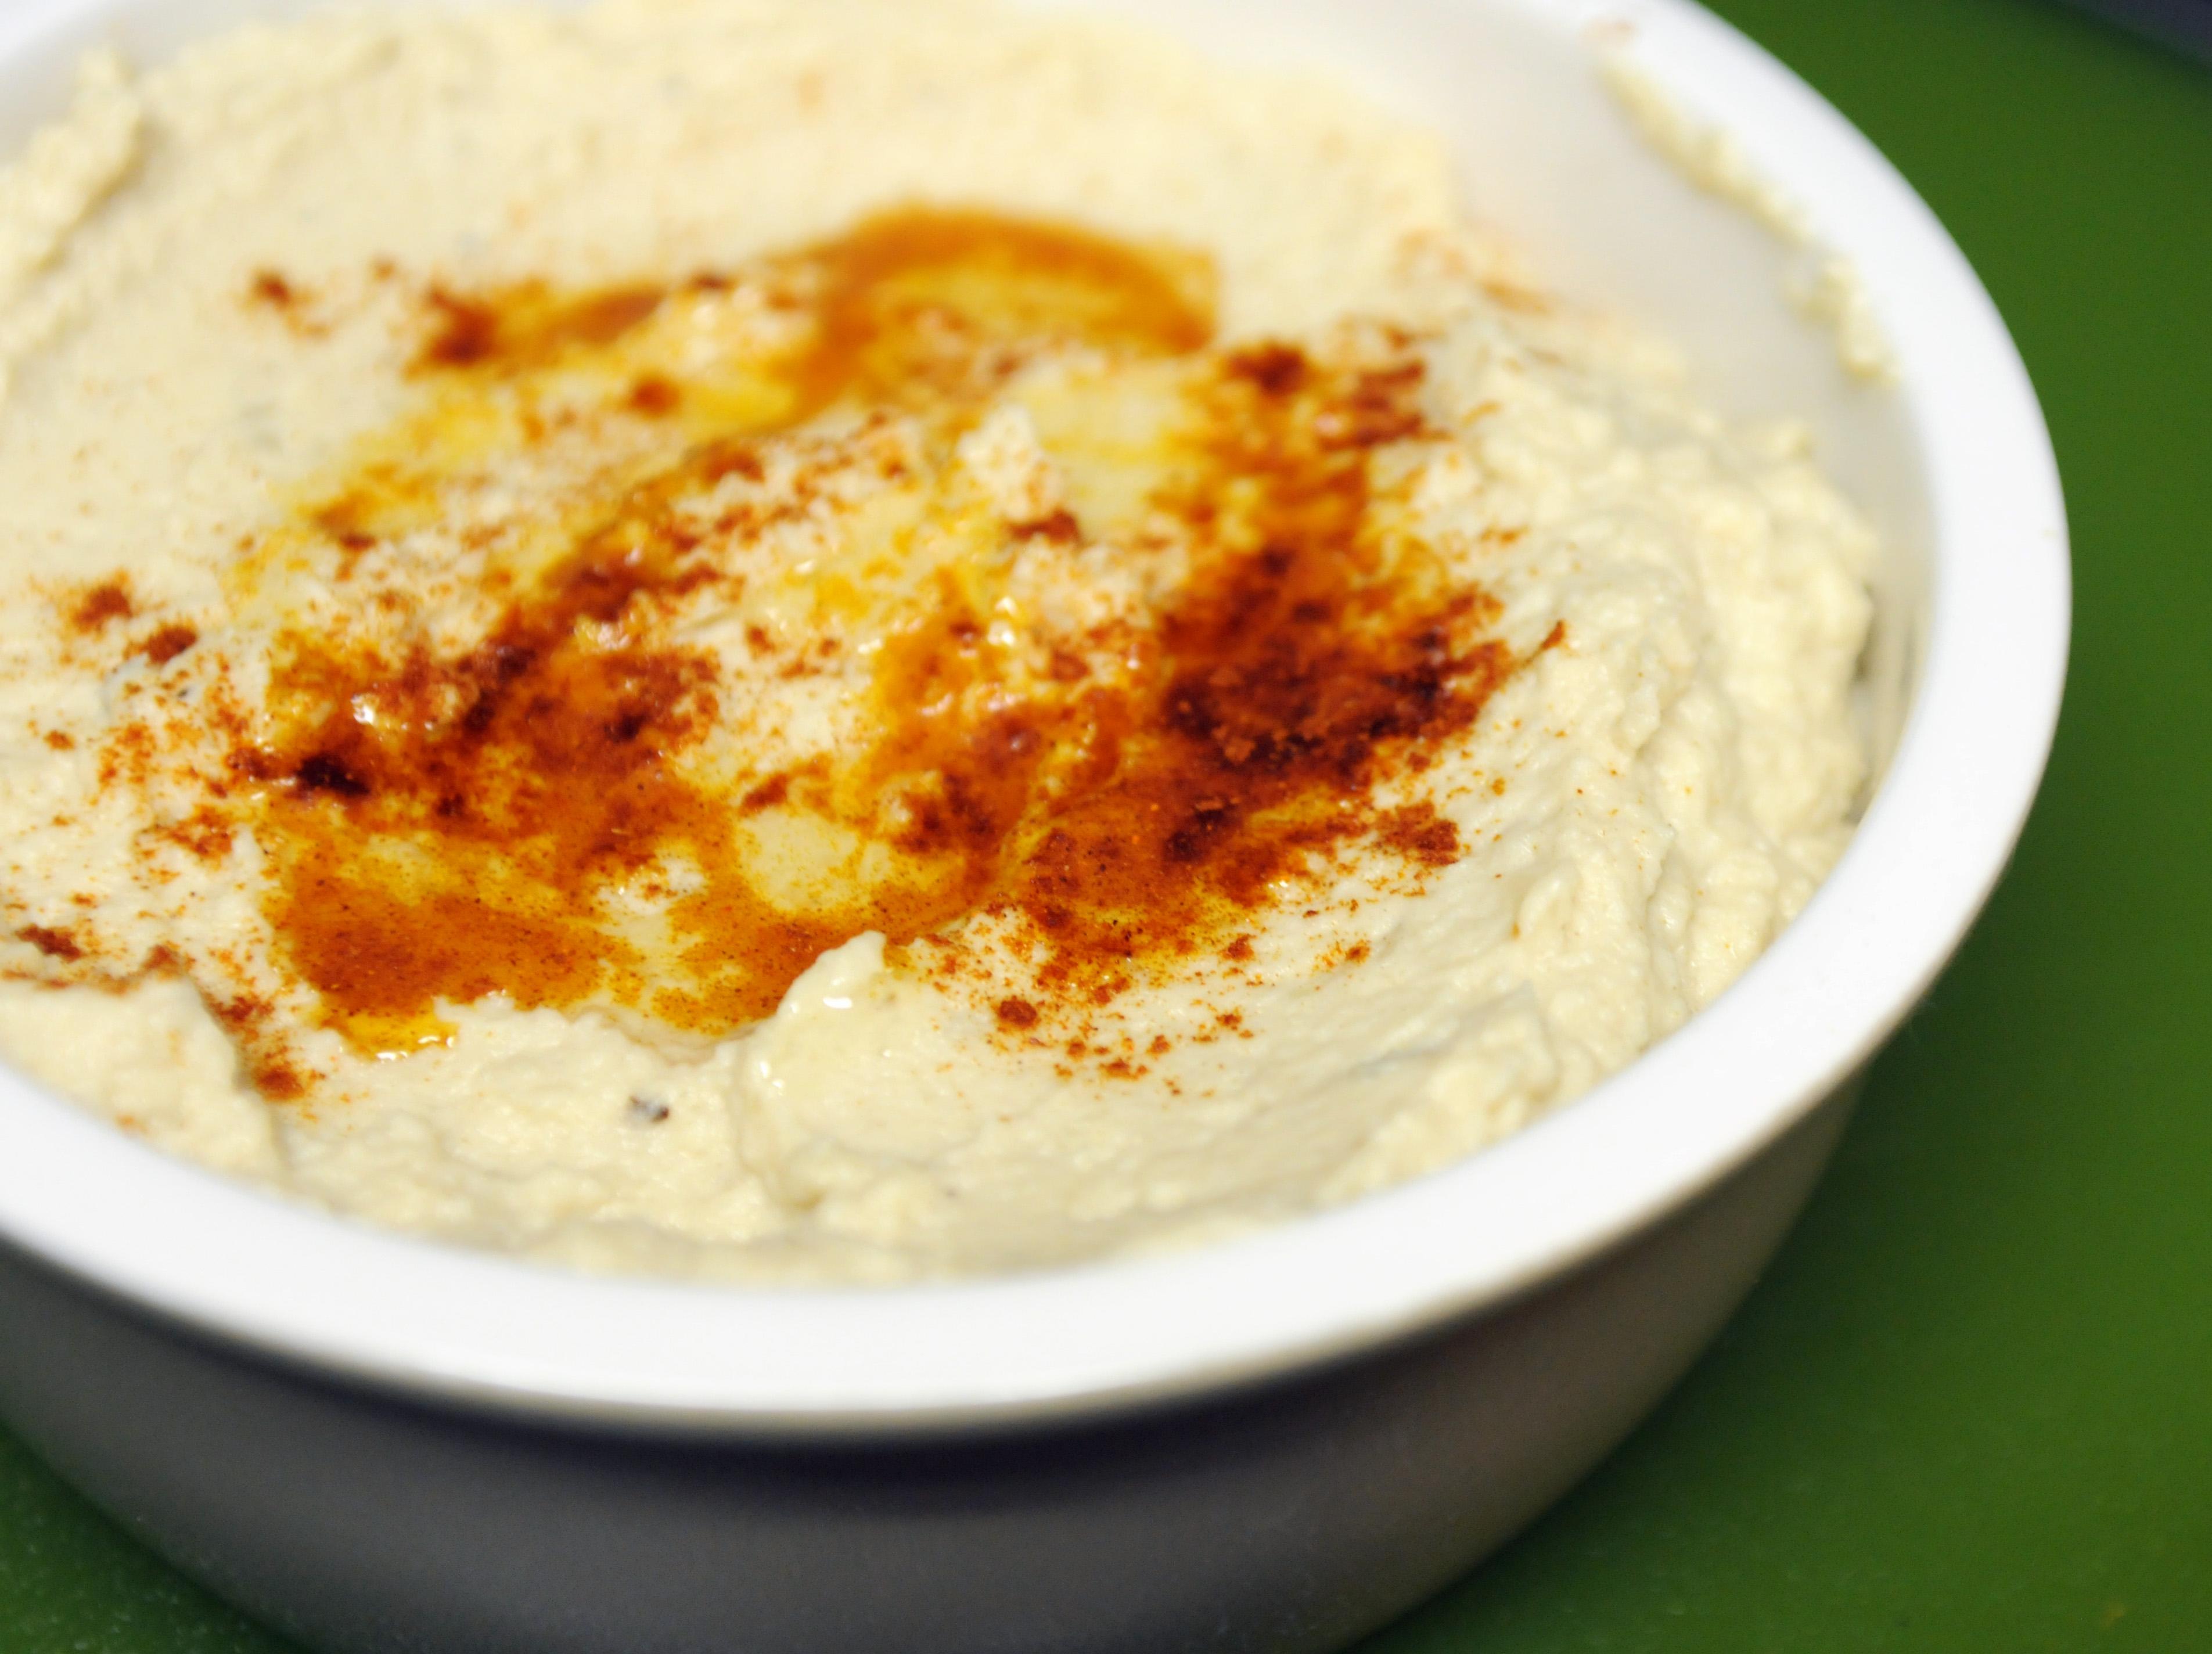 Roasted Garlic Cauliflower Hummus | Legume-Free, Gluten-Free, Paleo